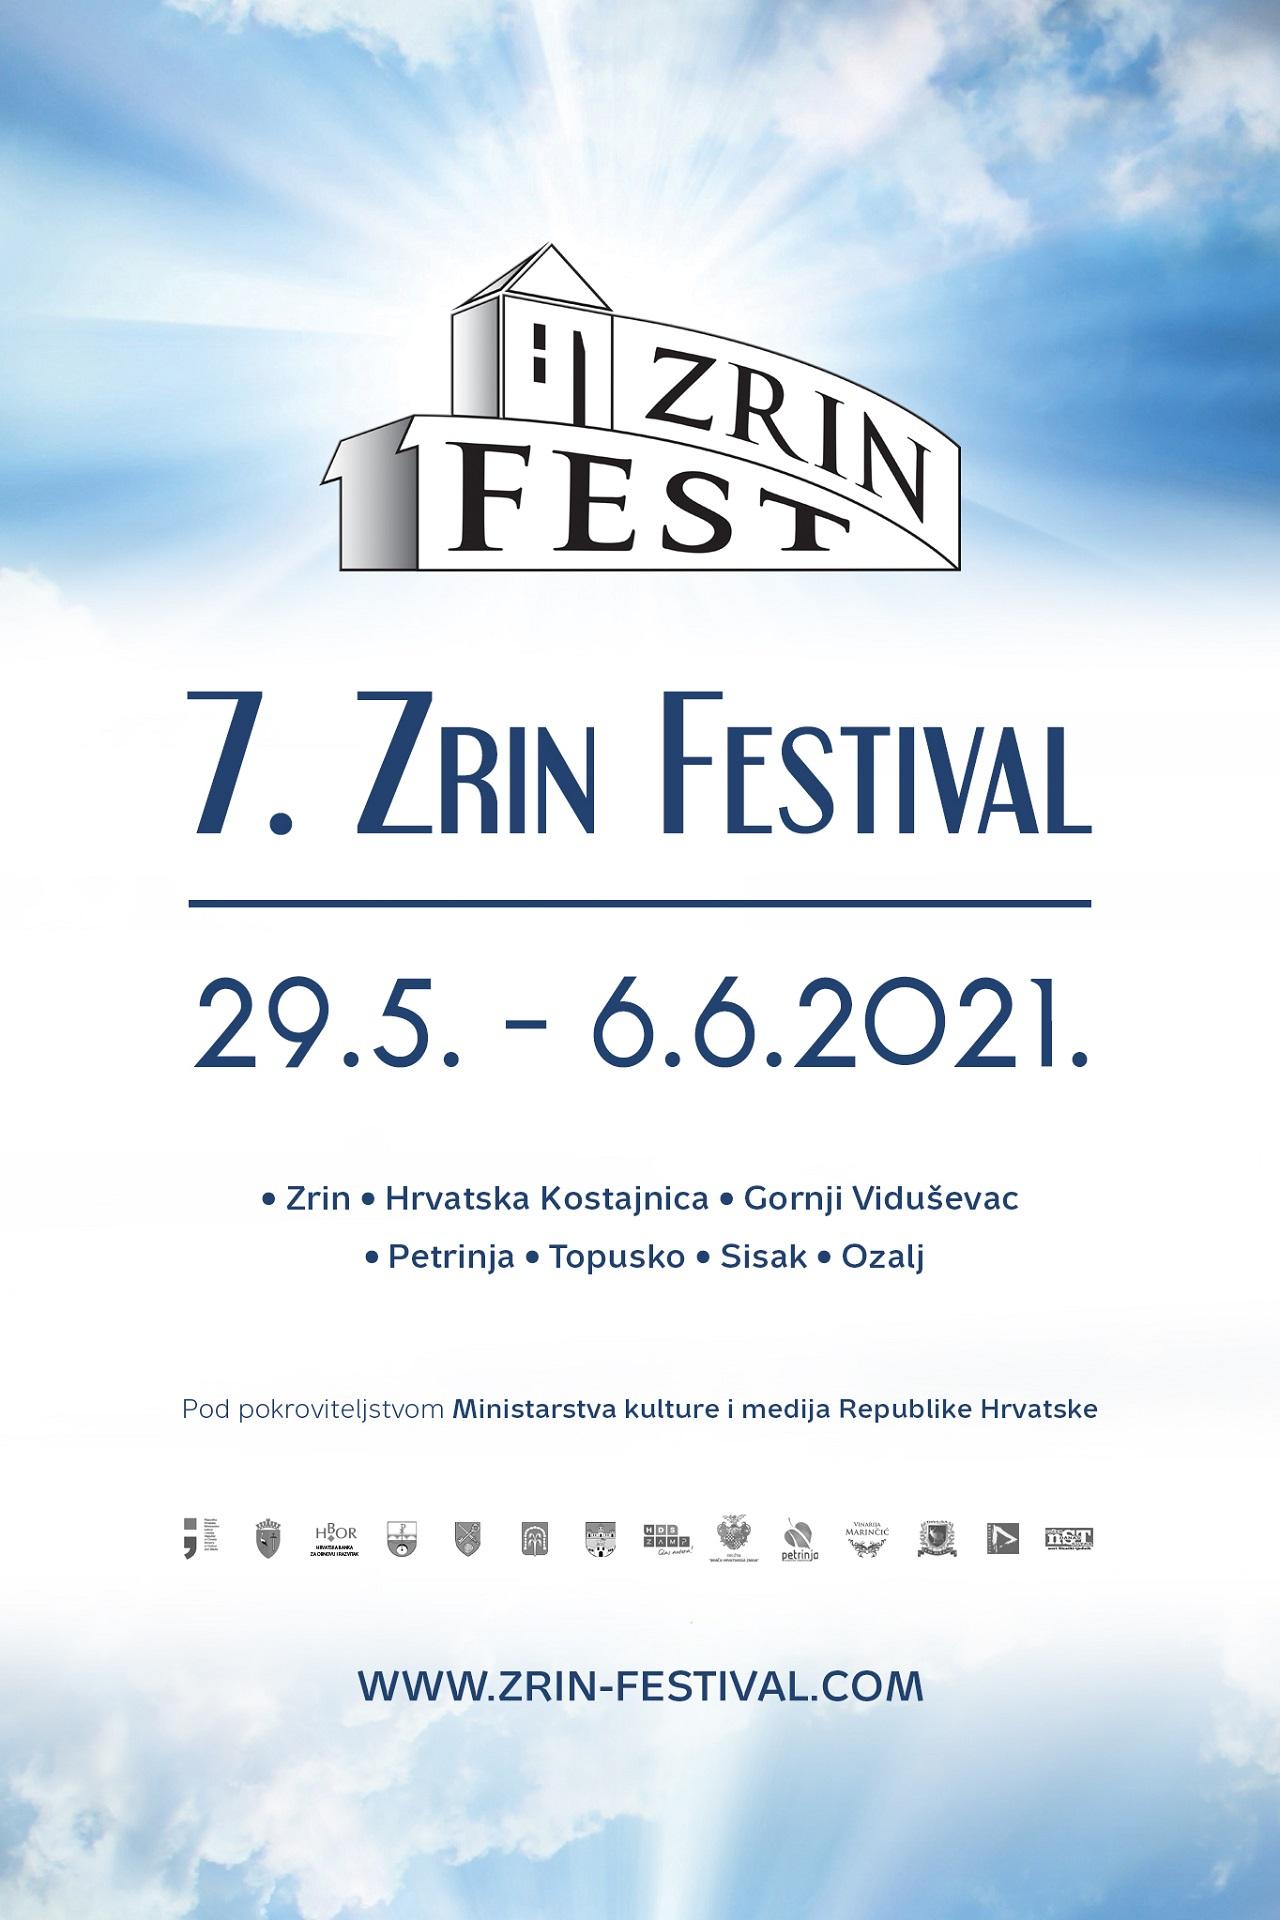 7. ZRIN FESTIVAL 05.06.2021.